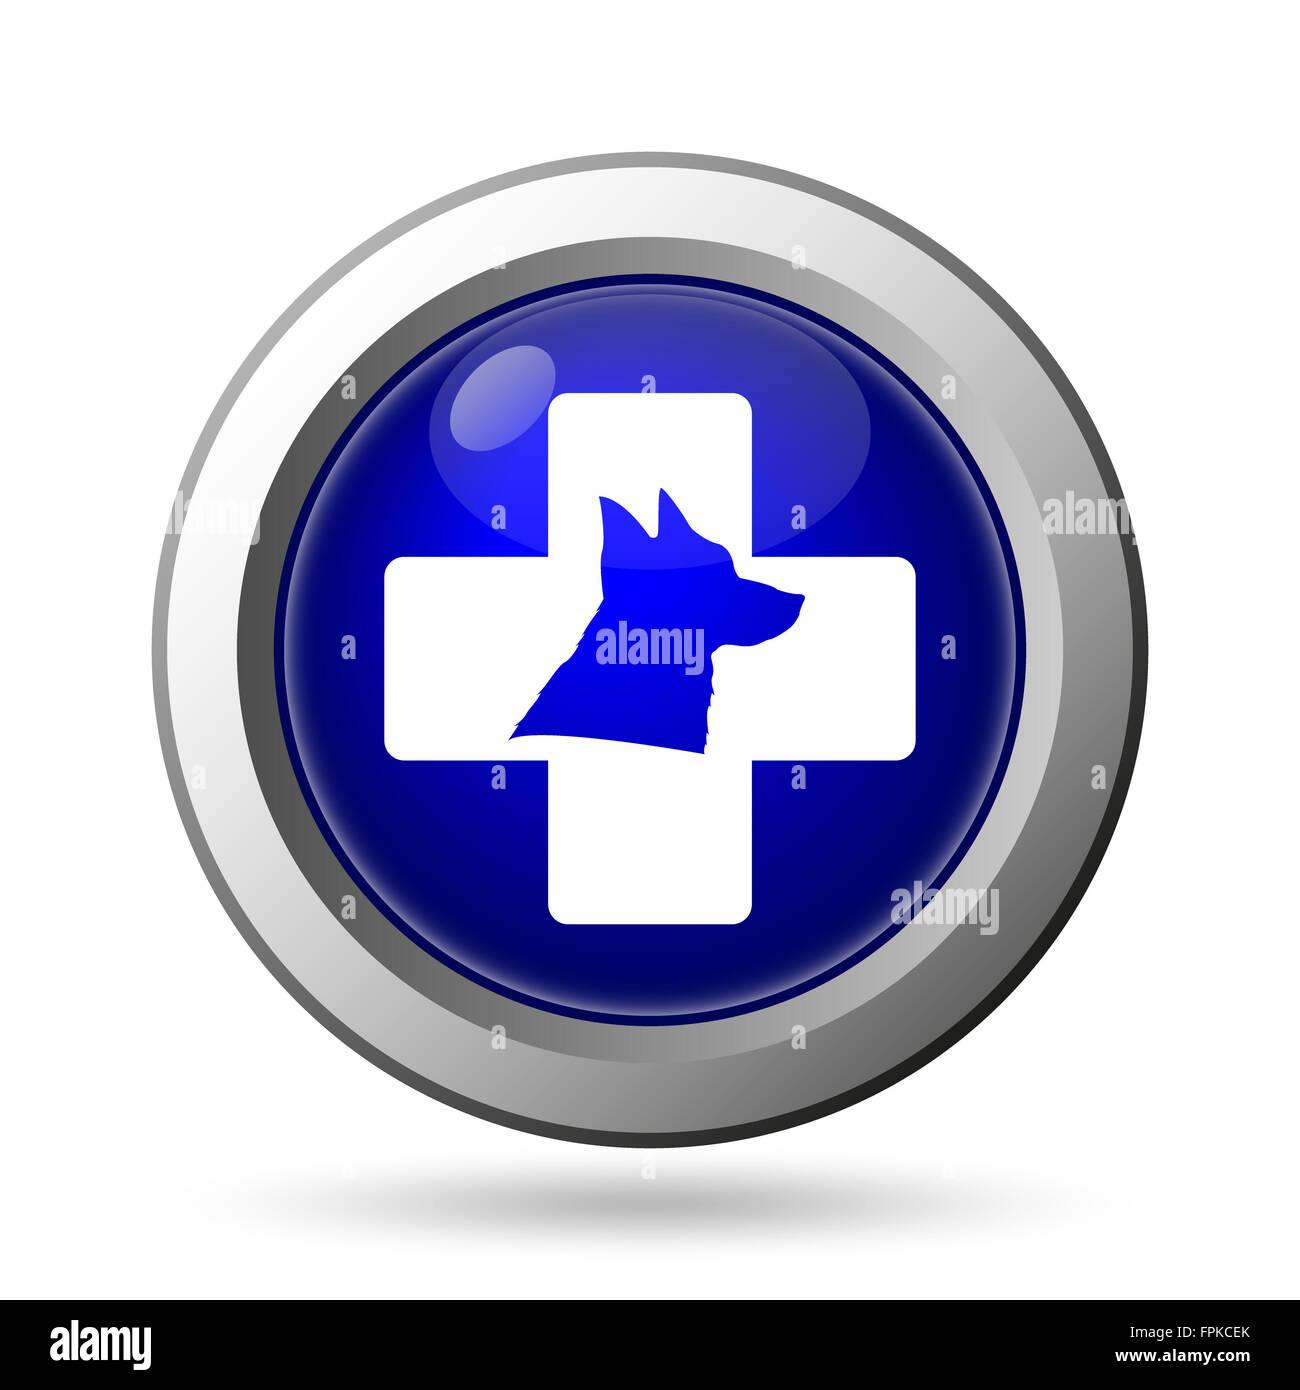 Veterinary icon - Stock Image